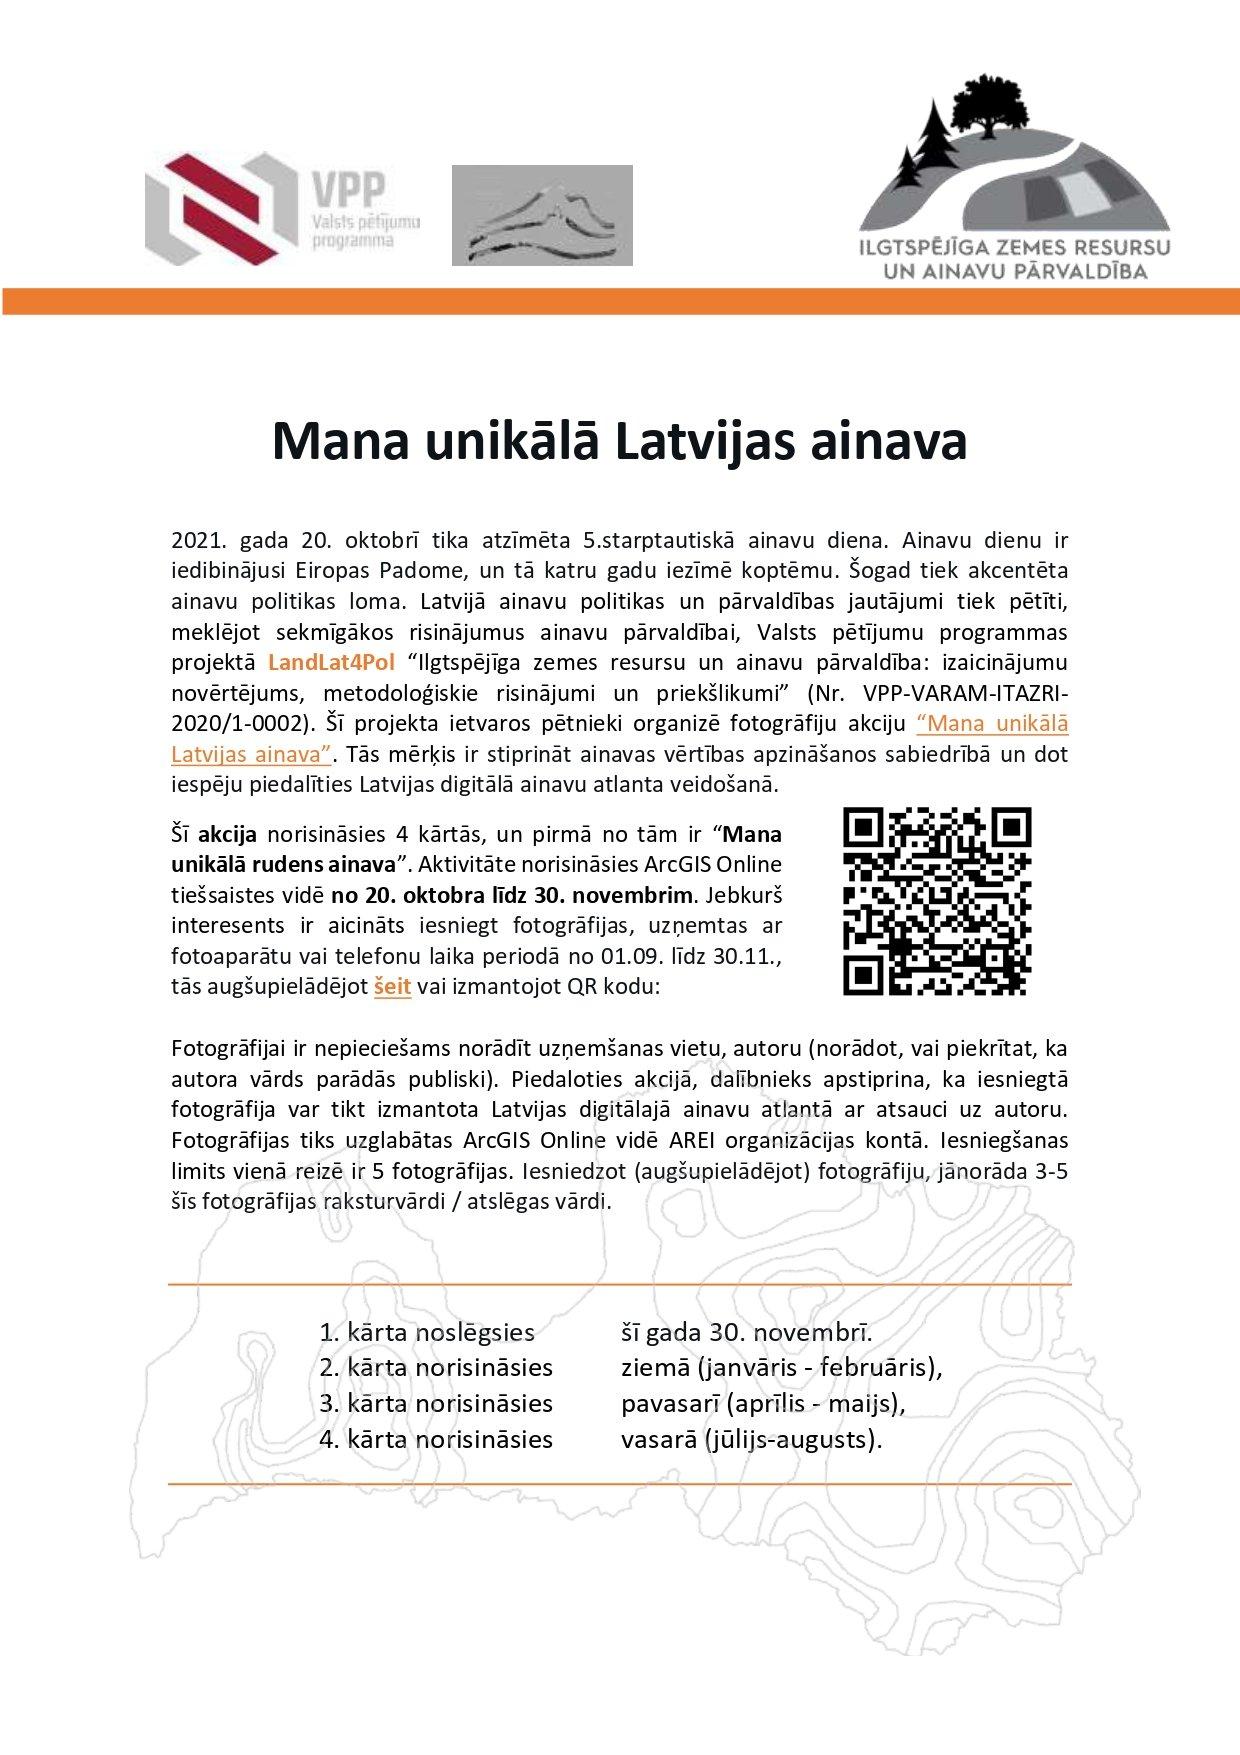 """Iesaisties akcijā """"Mana unikālā Latvijas ainava""""!"""